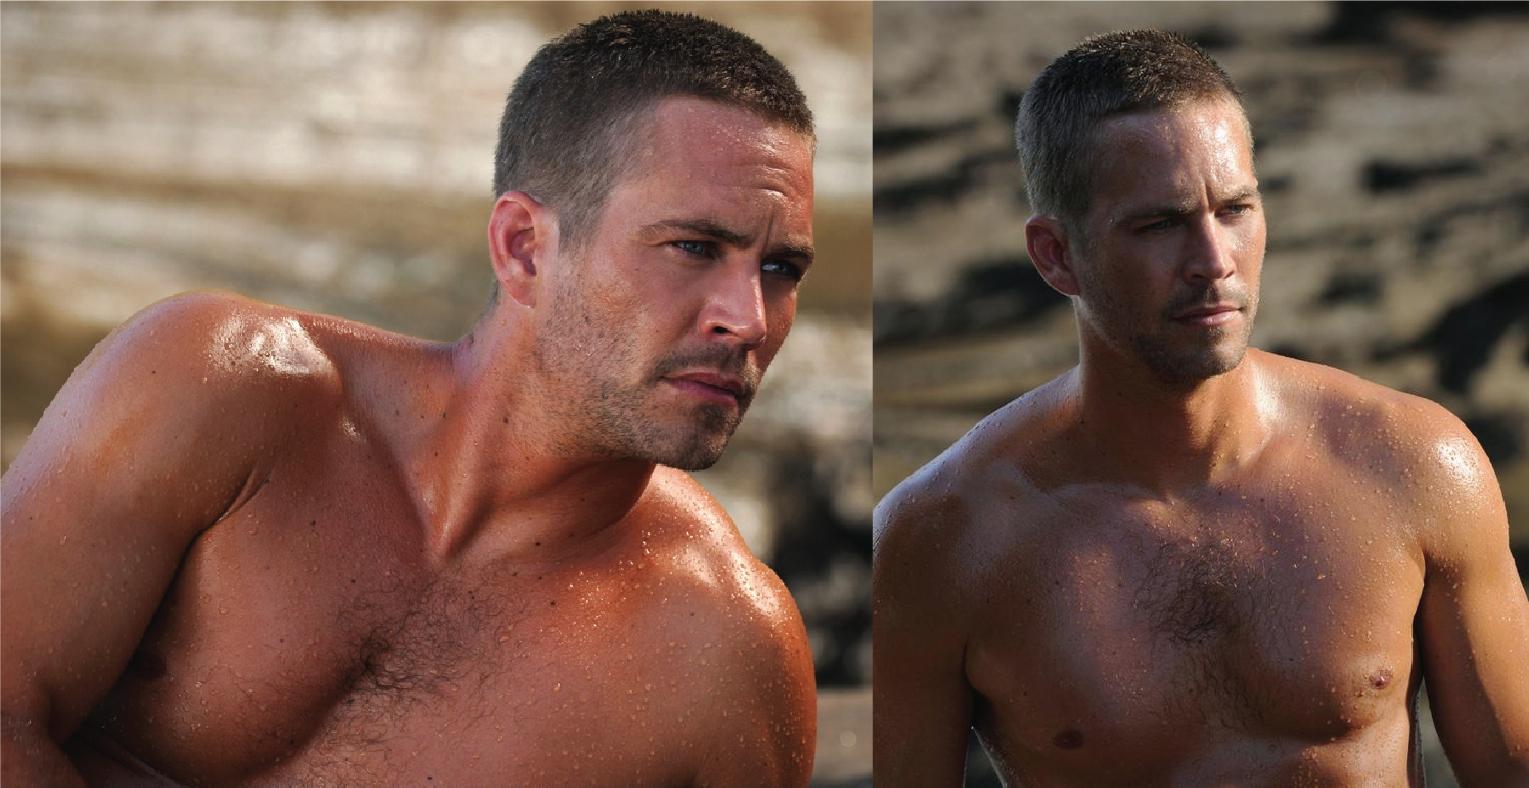 http://1.bp.blogspot.com/-W99Q50vhZeQ/UFCjmFhcYdI/AAAAAAABdU0/DBG-jJd_gSM/s1600/paul+walker+shirtless+3.jpg